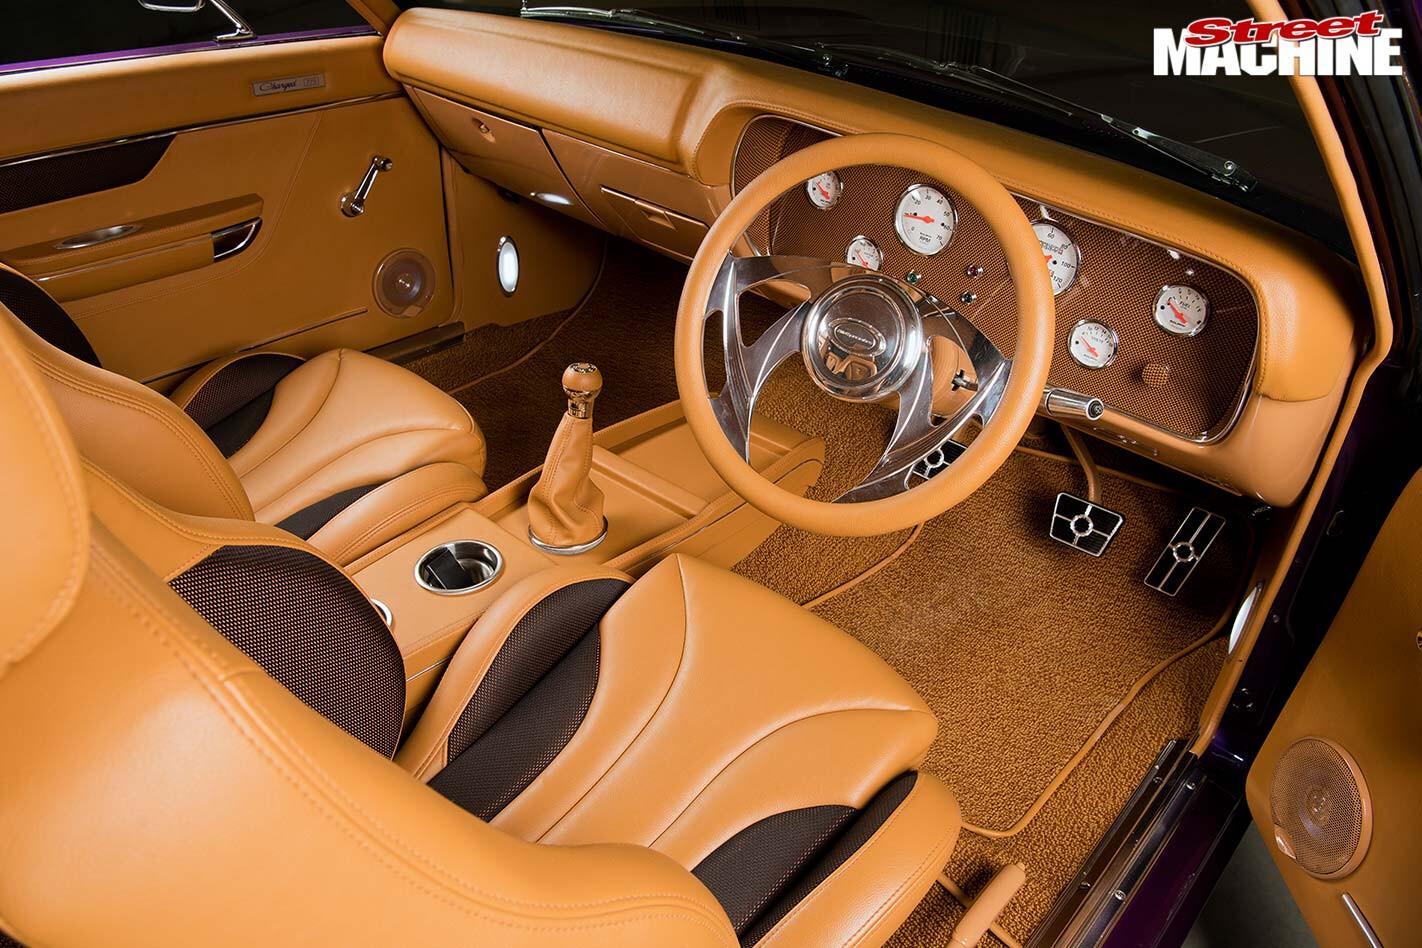 Chrysler VJ Charger interior